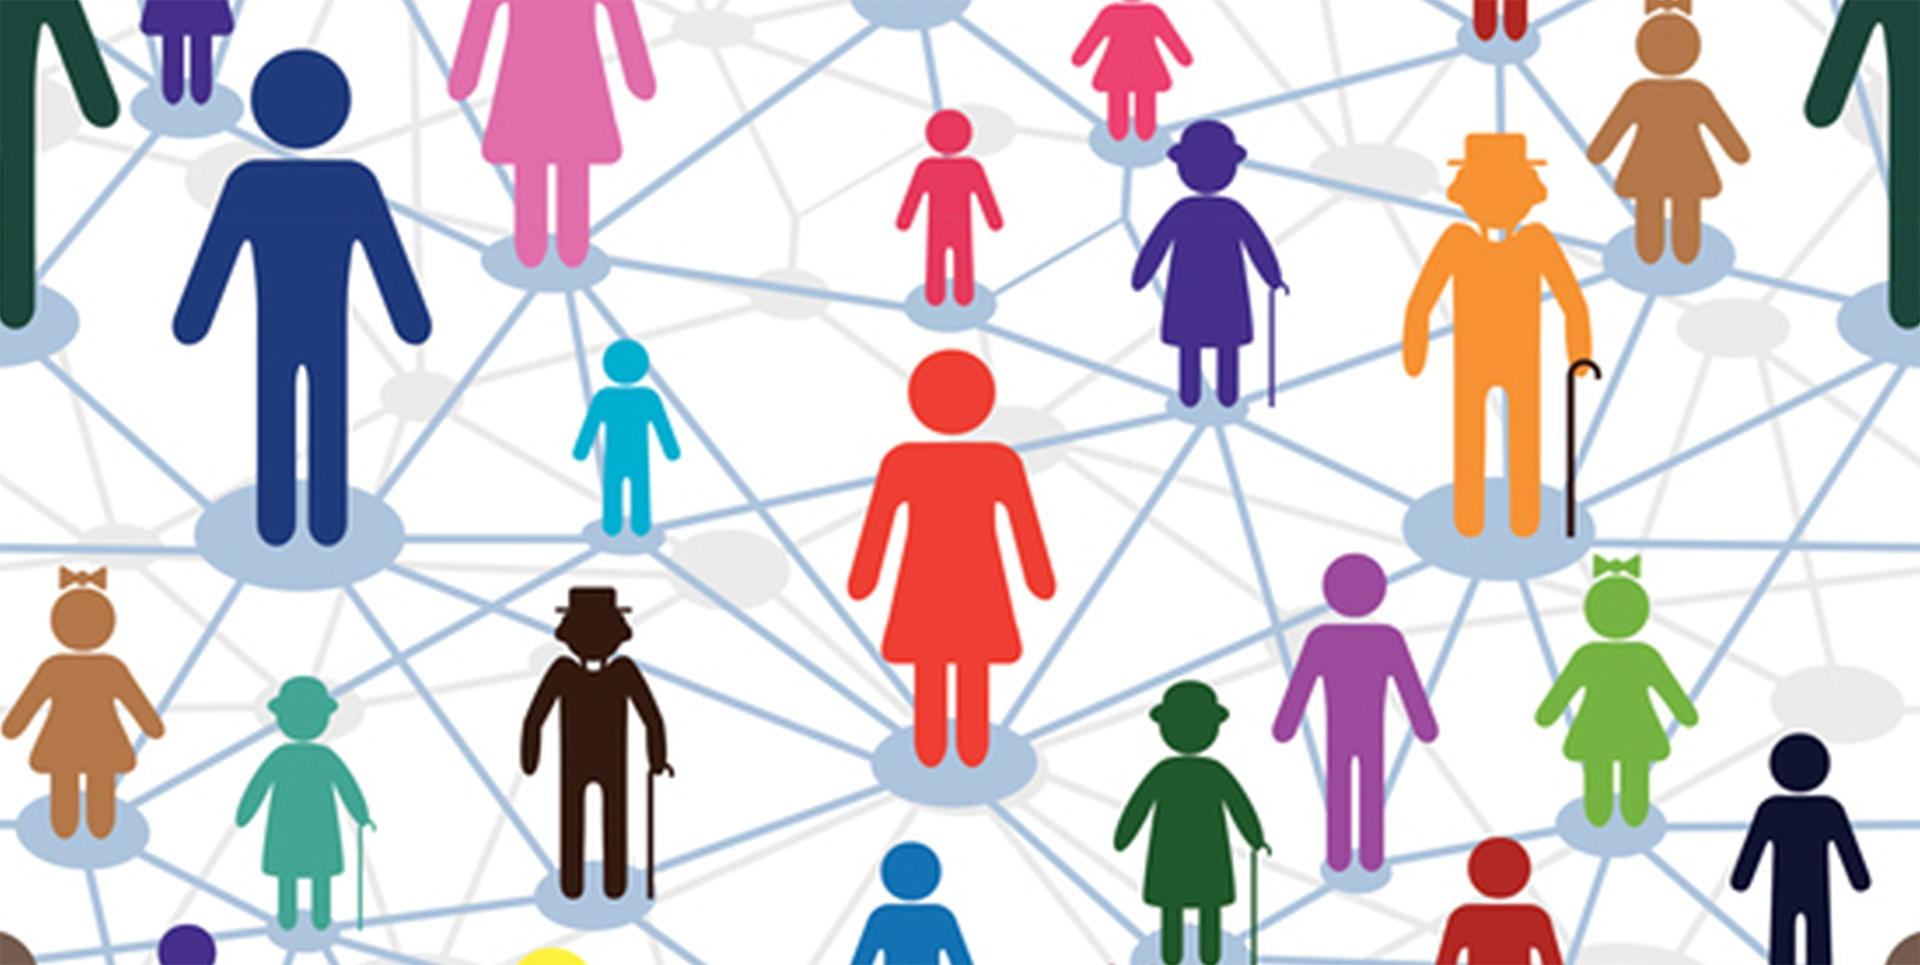 Family History for Fiber Optic Networks